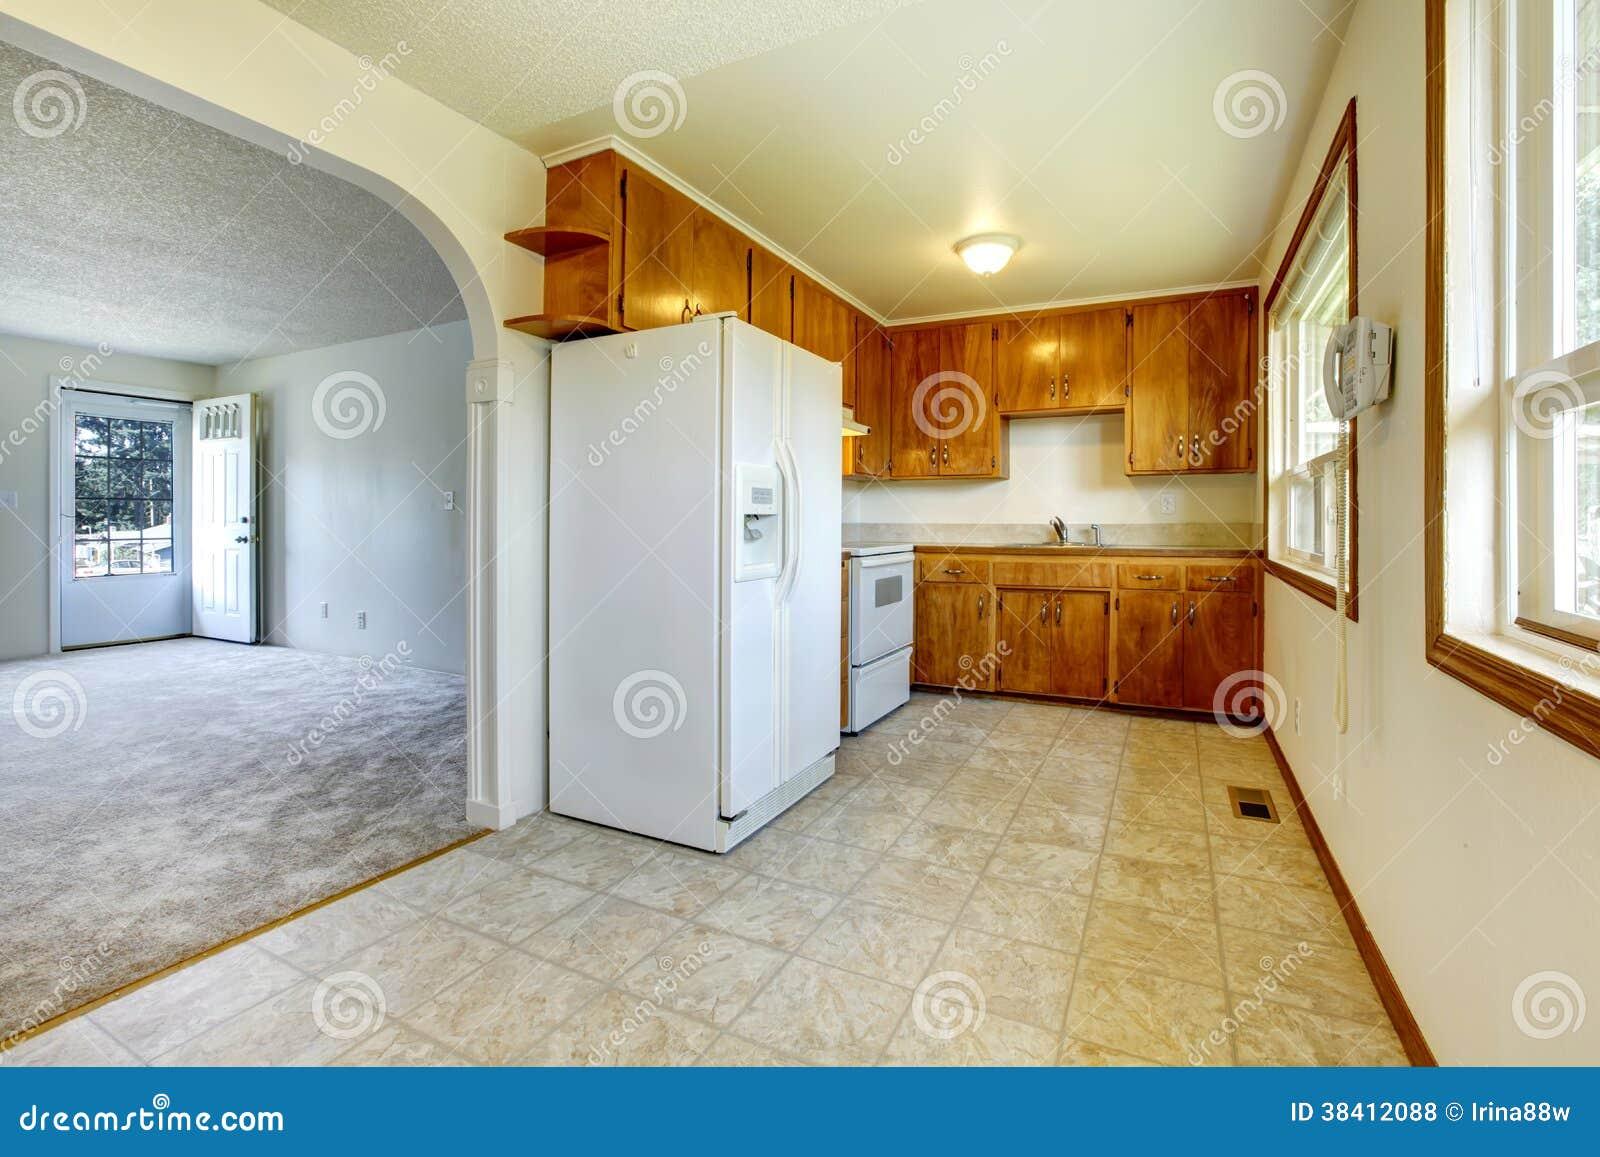 Peque as cocina y sala de estar fotos de archivo libres de for Sala de estar y cocina